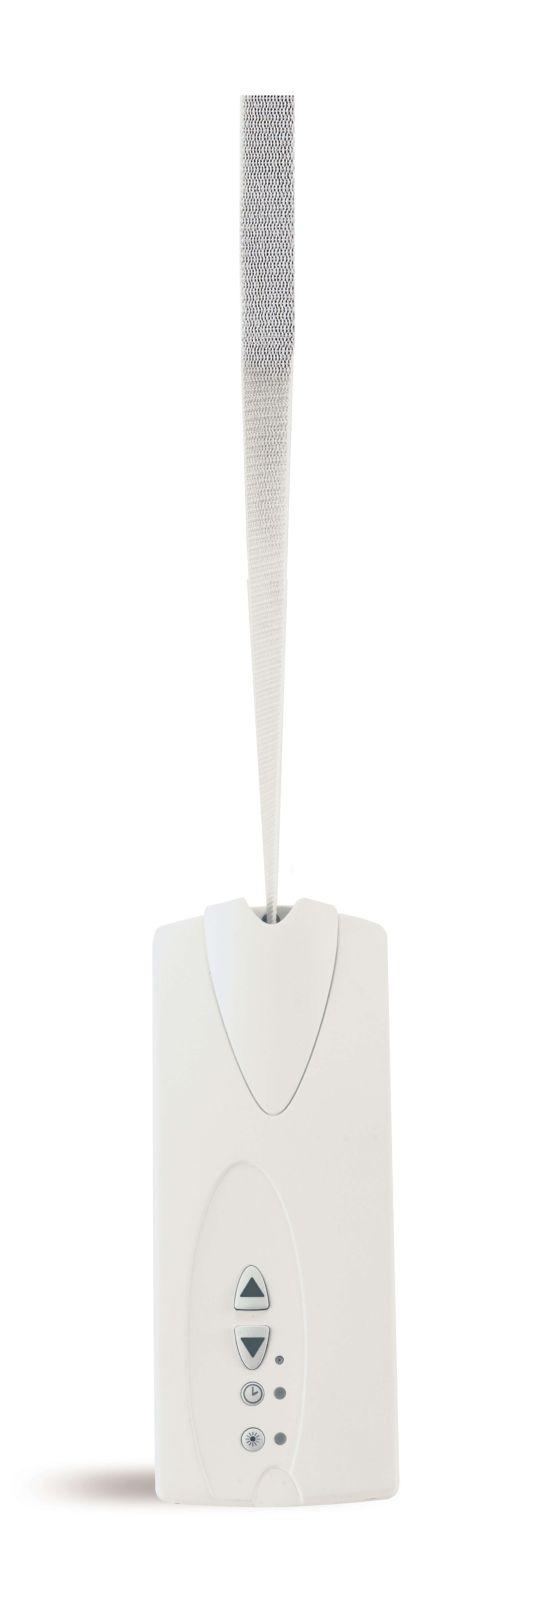 superrollo elektrischer rollladen gurtwickler gw70 rollofix aufputz neu ebay. Black Bedroom Furniture Sets. Home Design Ideas